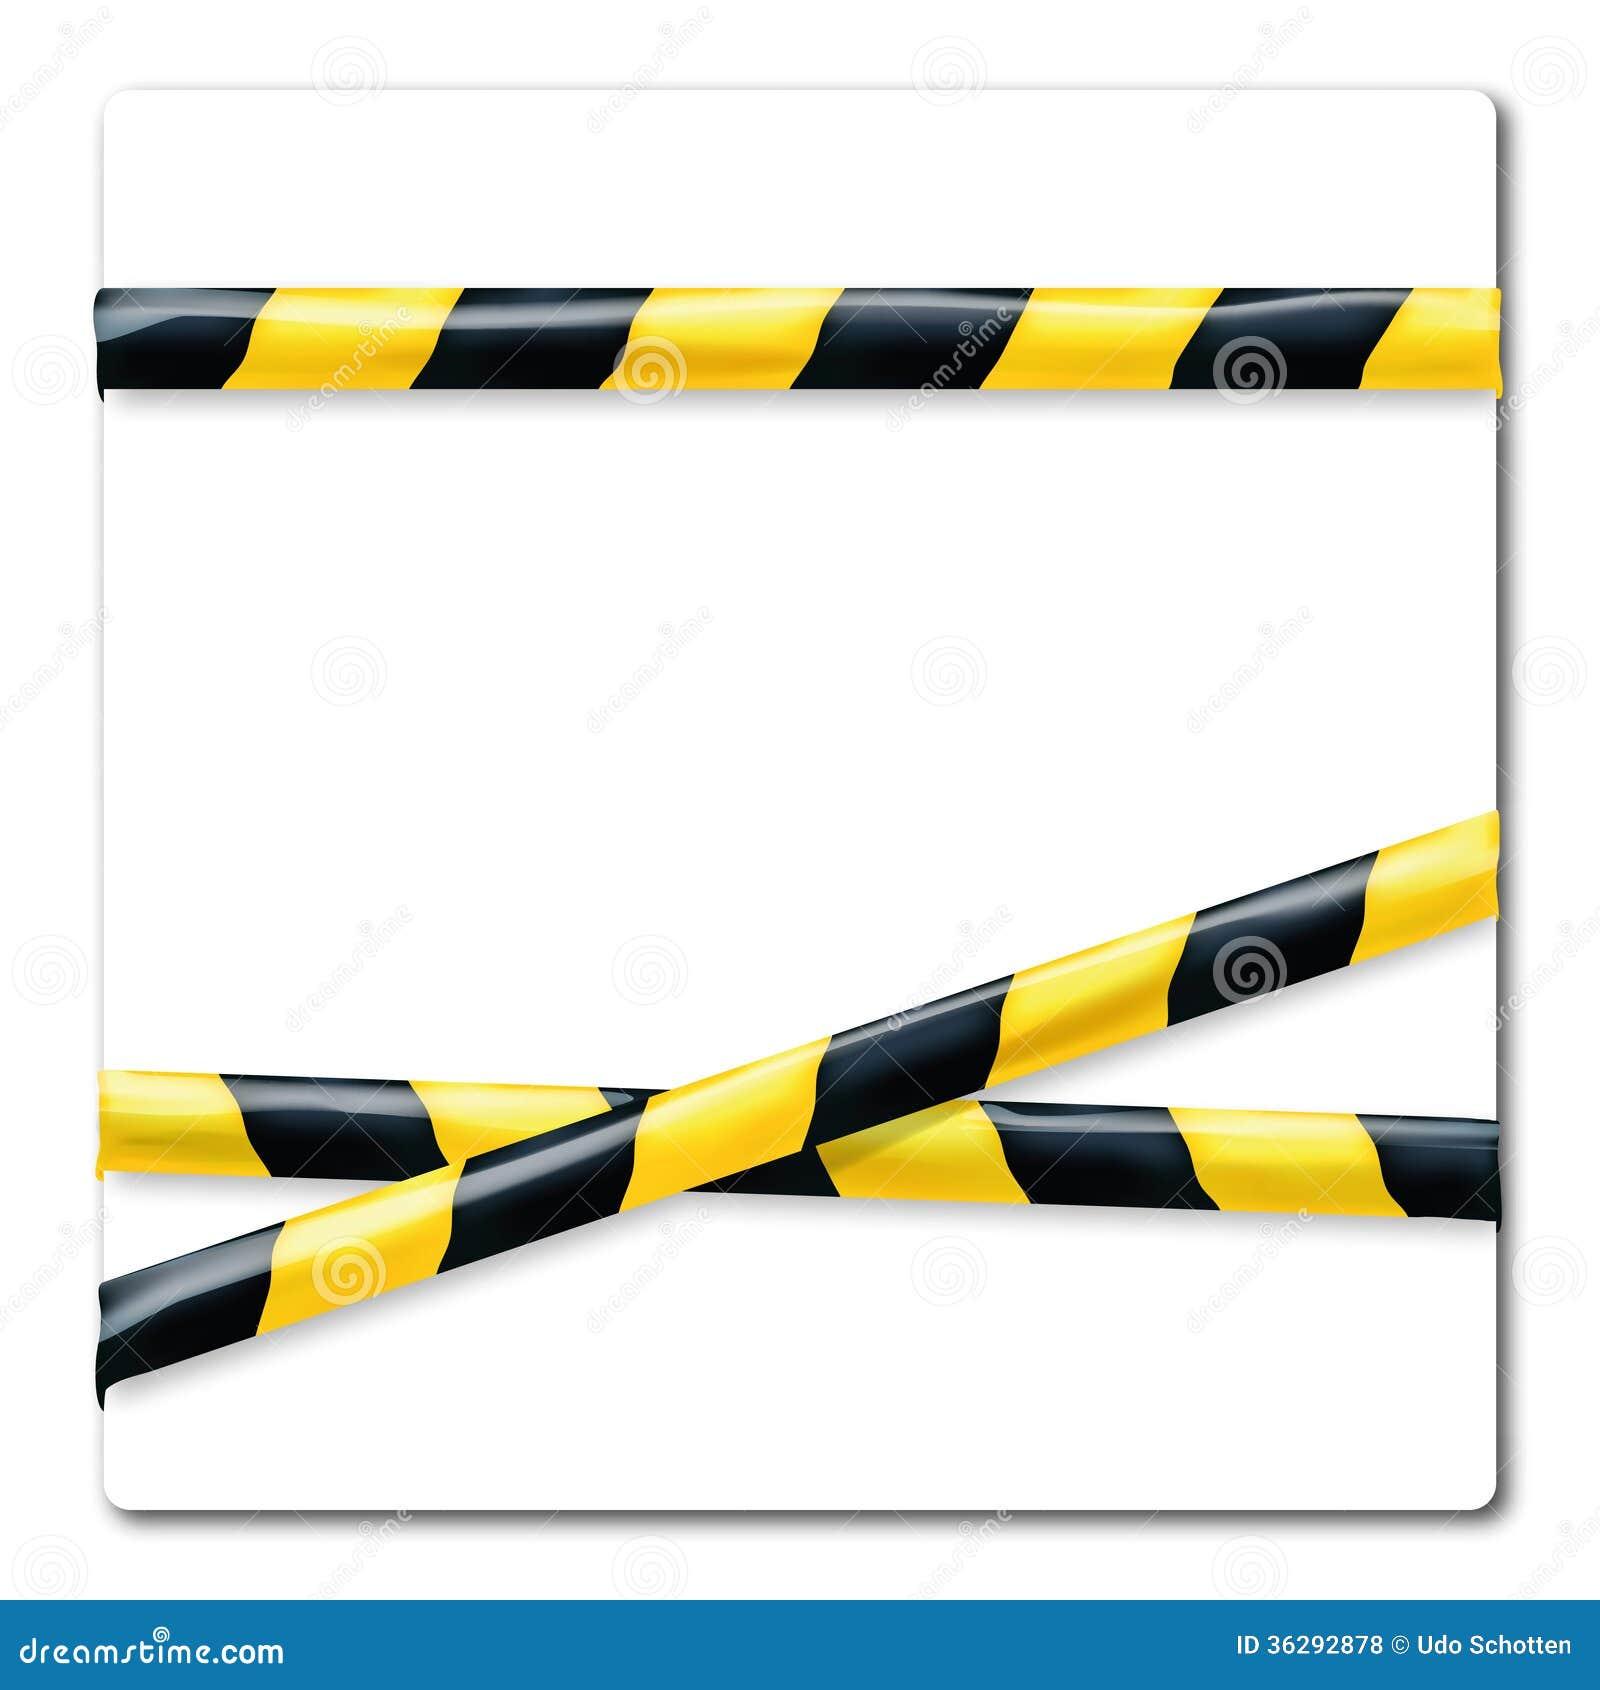 jaune et noir de bande de barri re photos libres de droits image 36292878. Black Bedroom Furniture Sets. Home Design Ideas